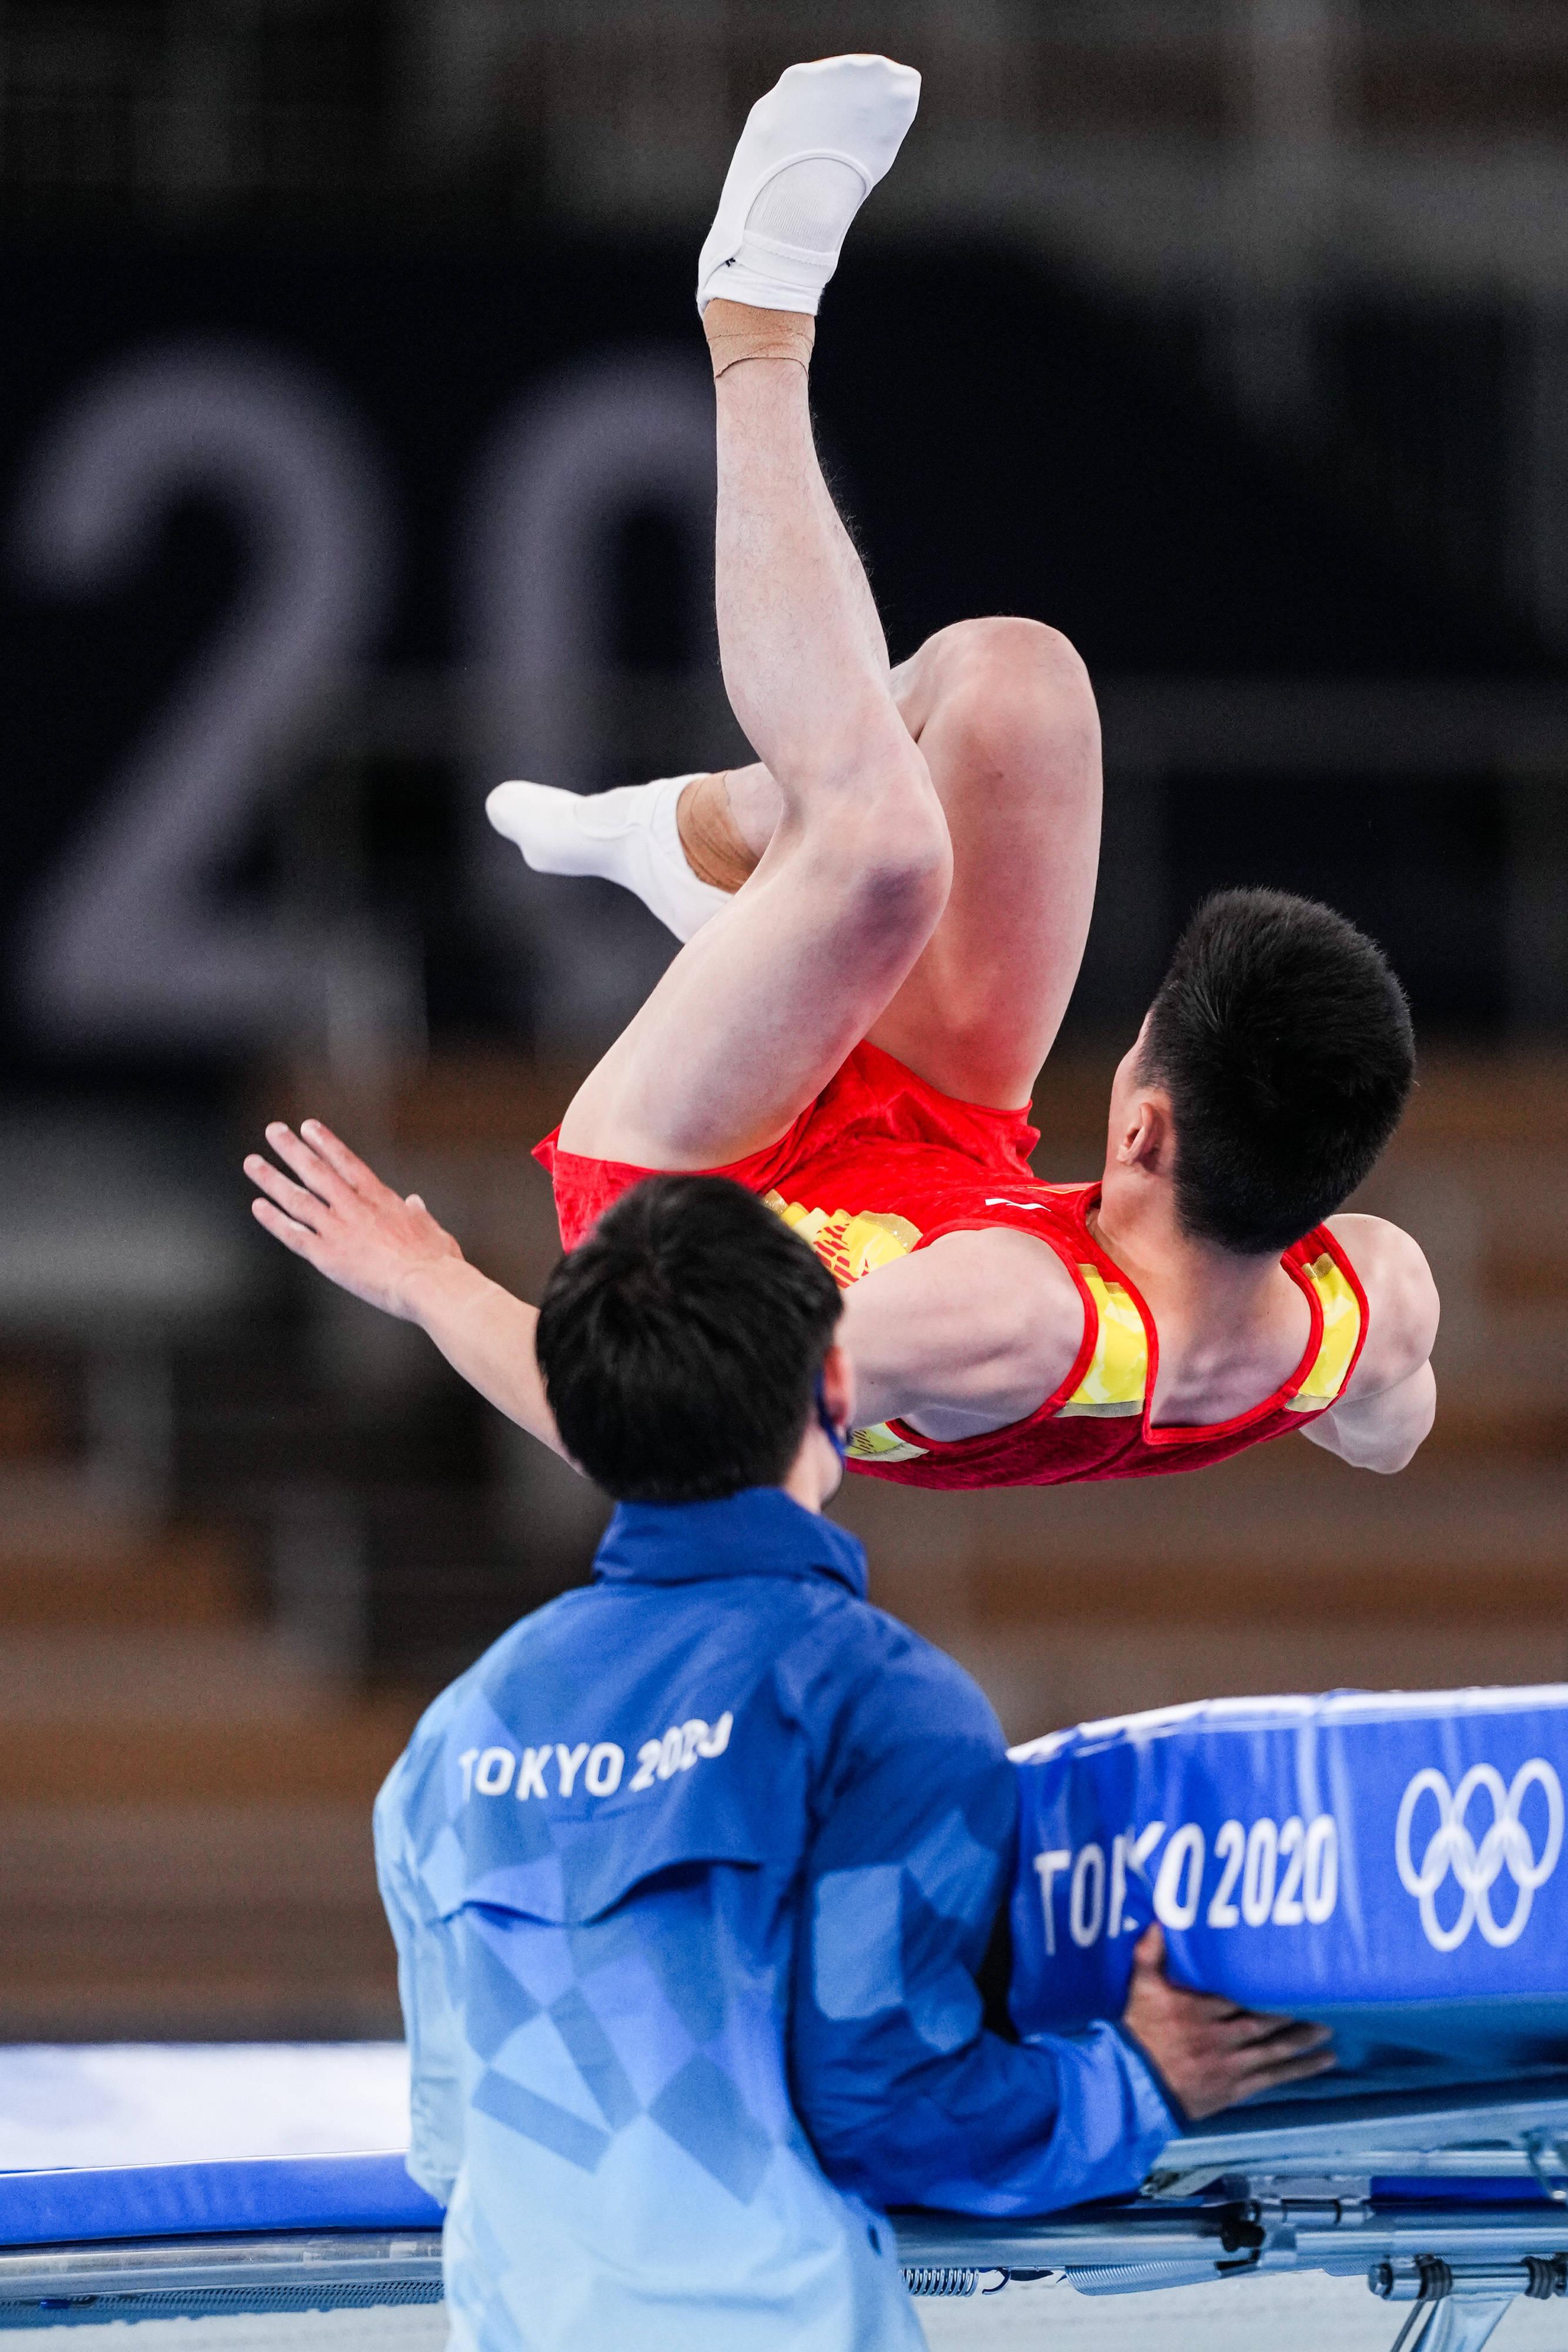 高磊蹦床预赛失误遗憾告别,他还有下一届巴黎奥运会吗5h9